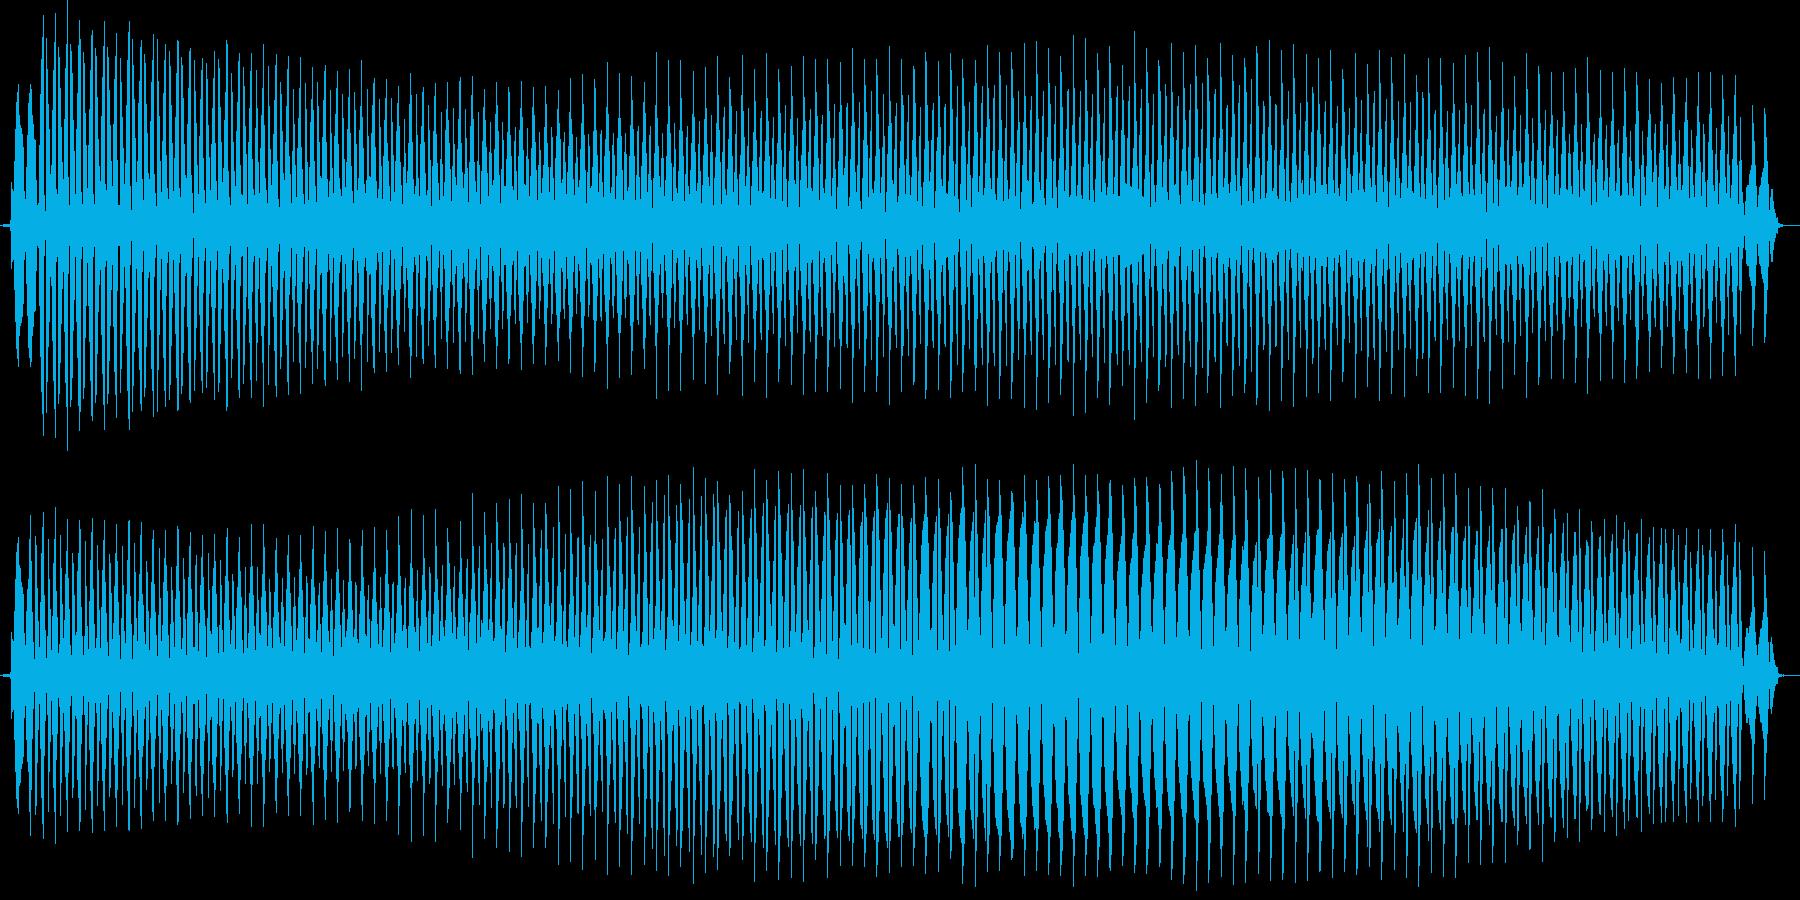 ビュォー。クイズ不正解・ブザー音の再生済みの波形